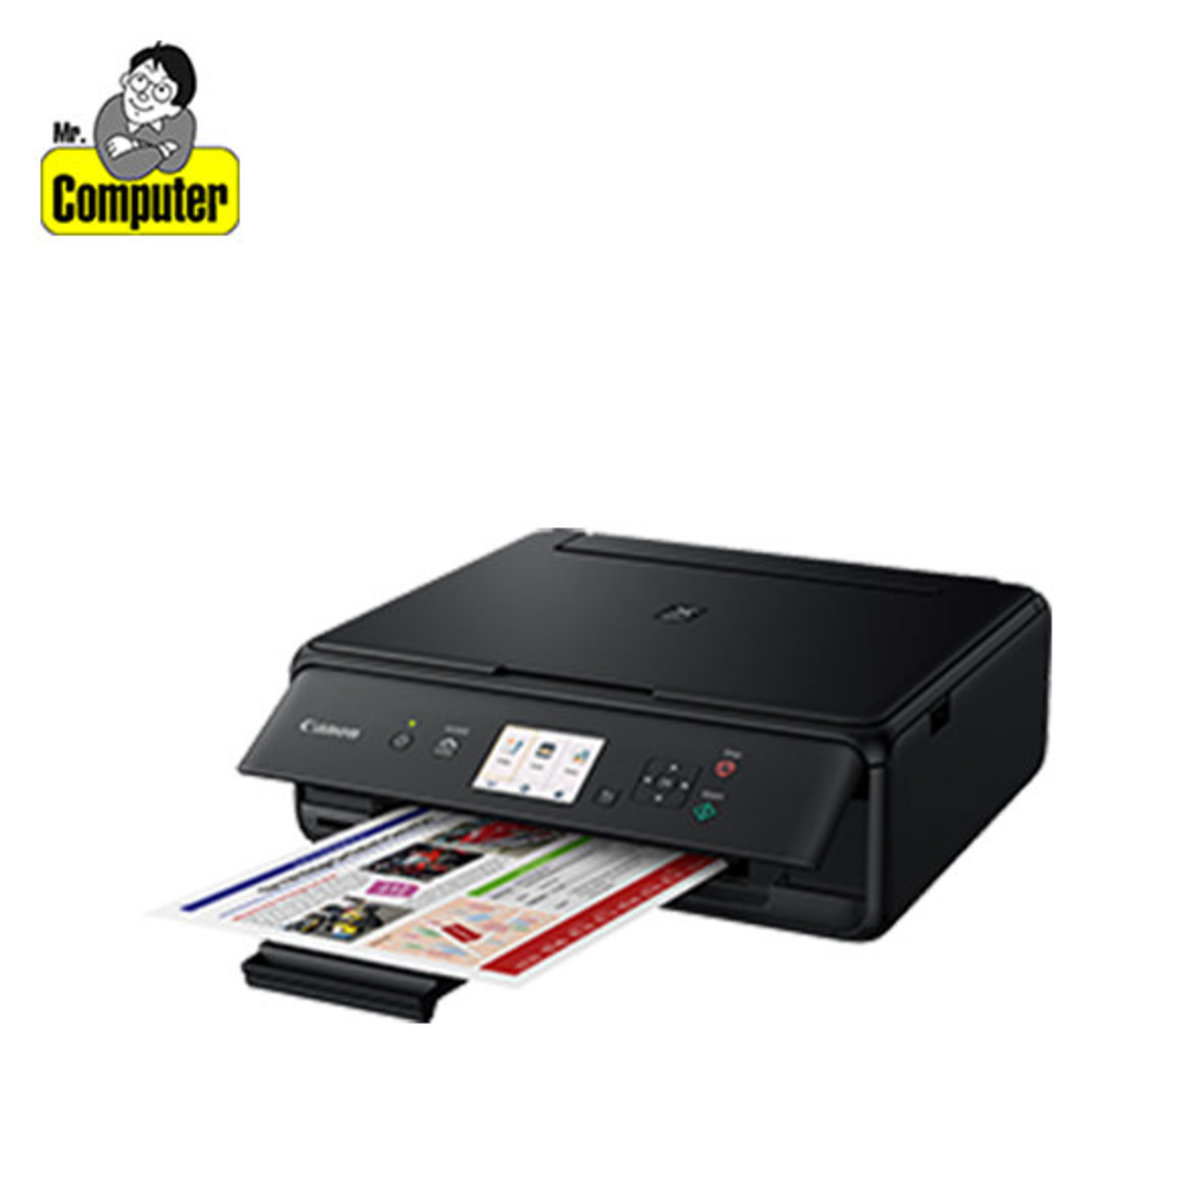 PIXMA TS5070 (BK) 3in1 multi-function printer